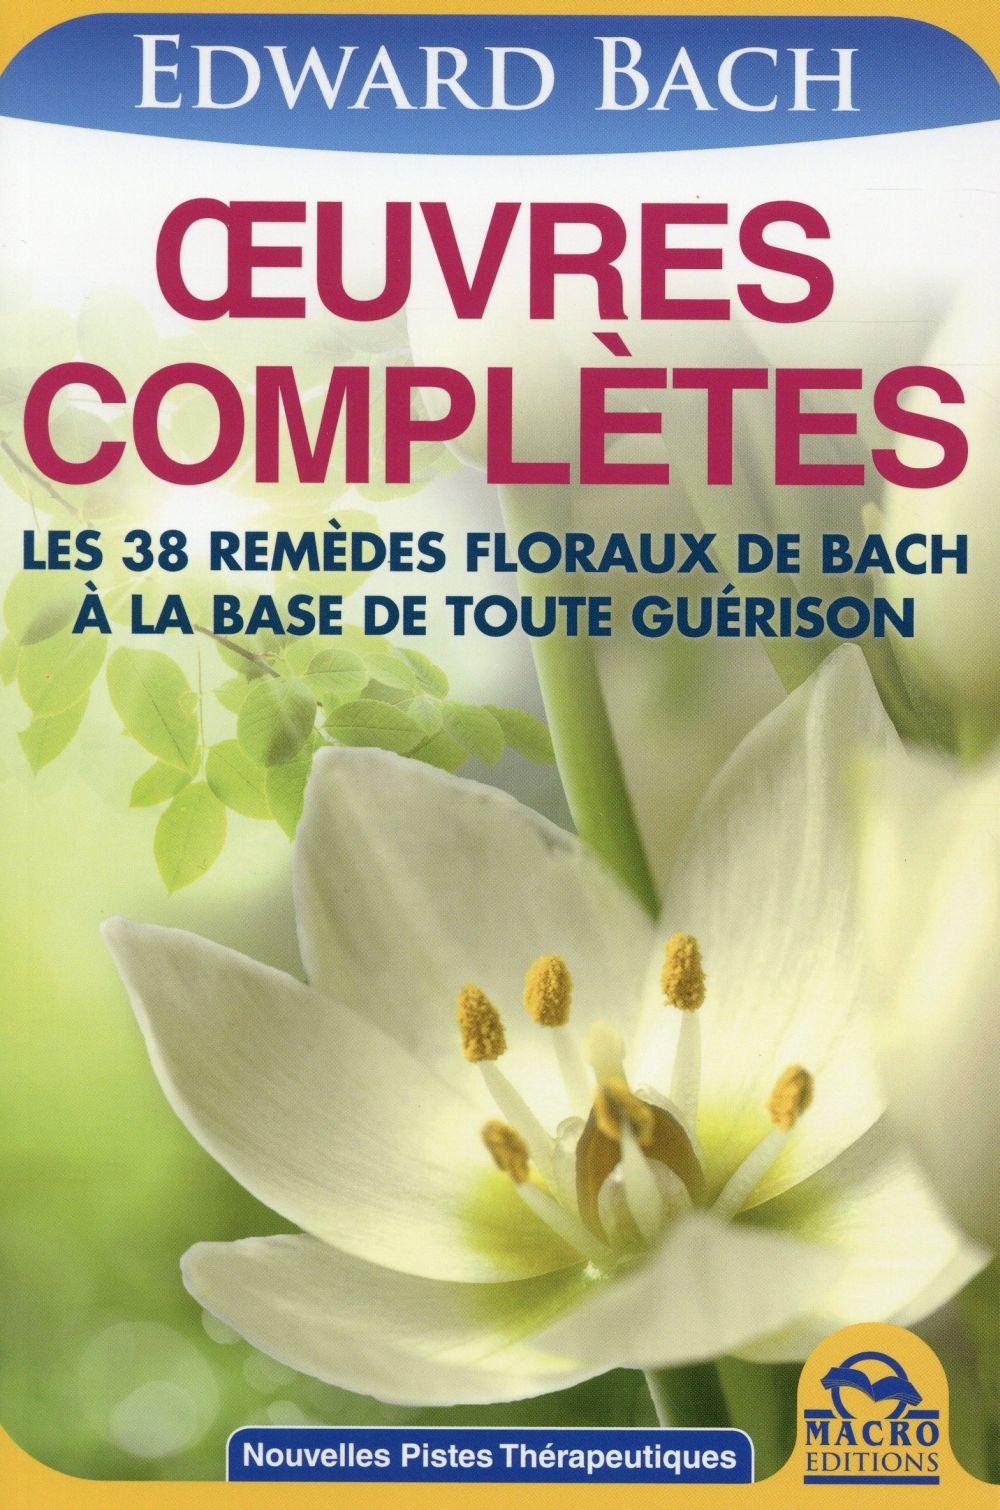 OEUVRES COMPLETES - LES 38 REMEDES FLORAUX DE BACH A LA BASE DE TOUTE GUERISON.